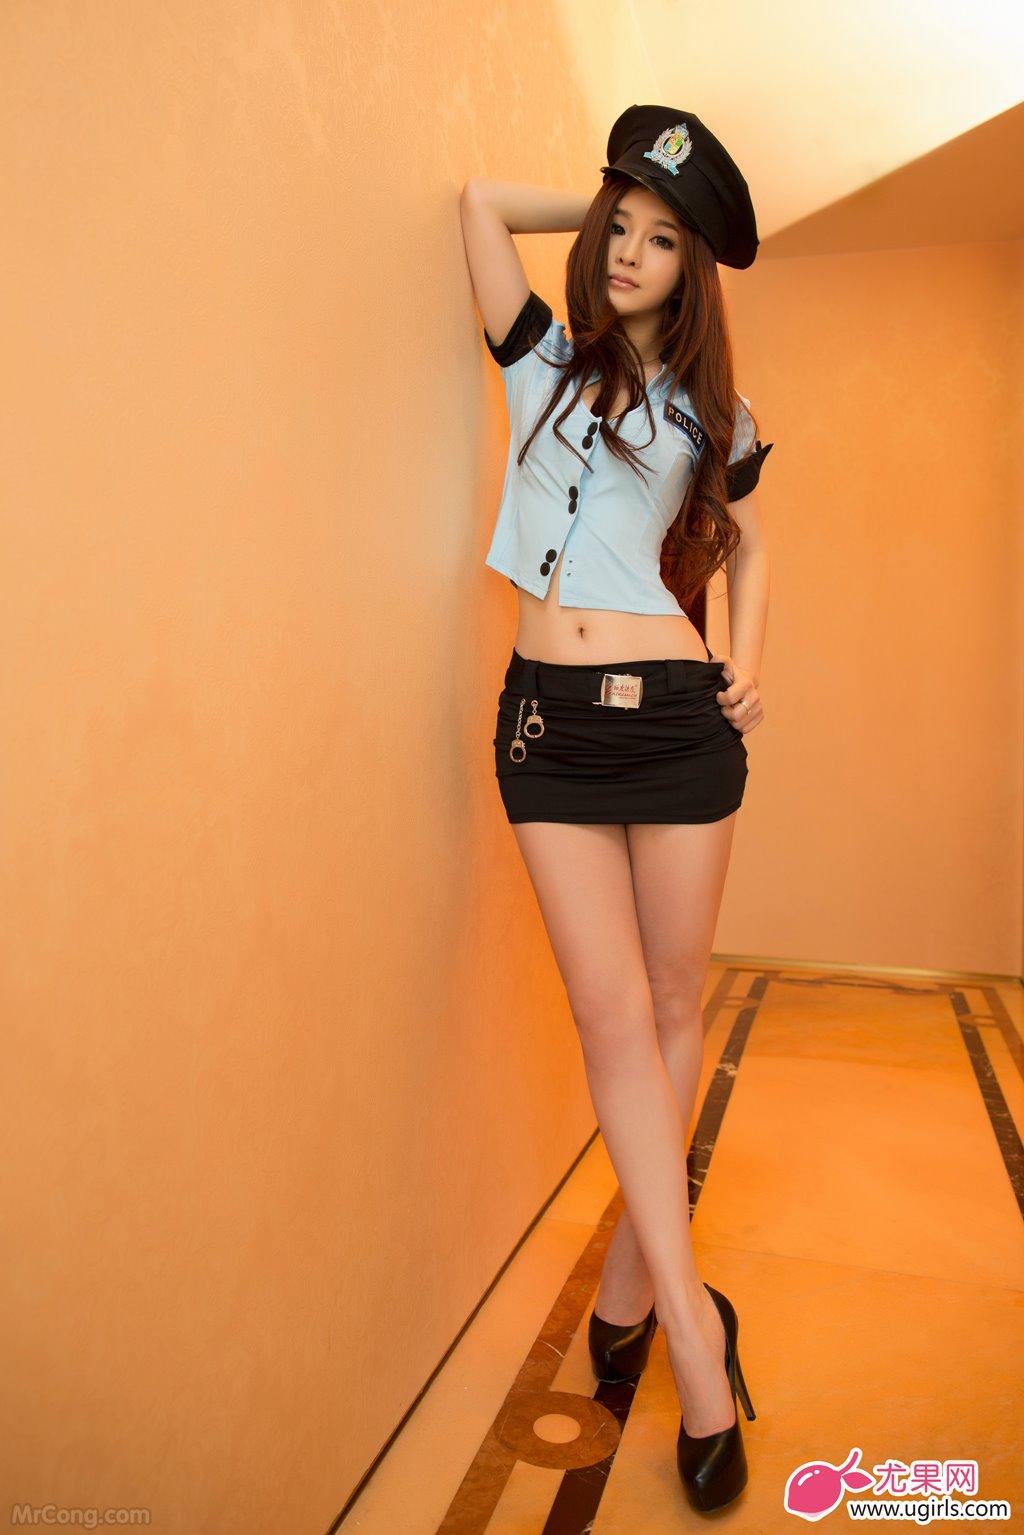 Image MrCong.com-UGIRLS-015-Chun-Xiao-Xi-002 in post Người đẹp Chun Xiao Xi (纯小希) siêu nóng bỏng trong bộ ảnh UGIRLS 015